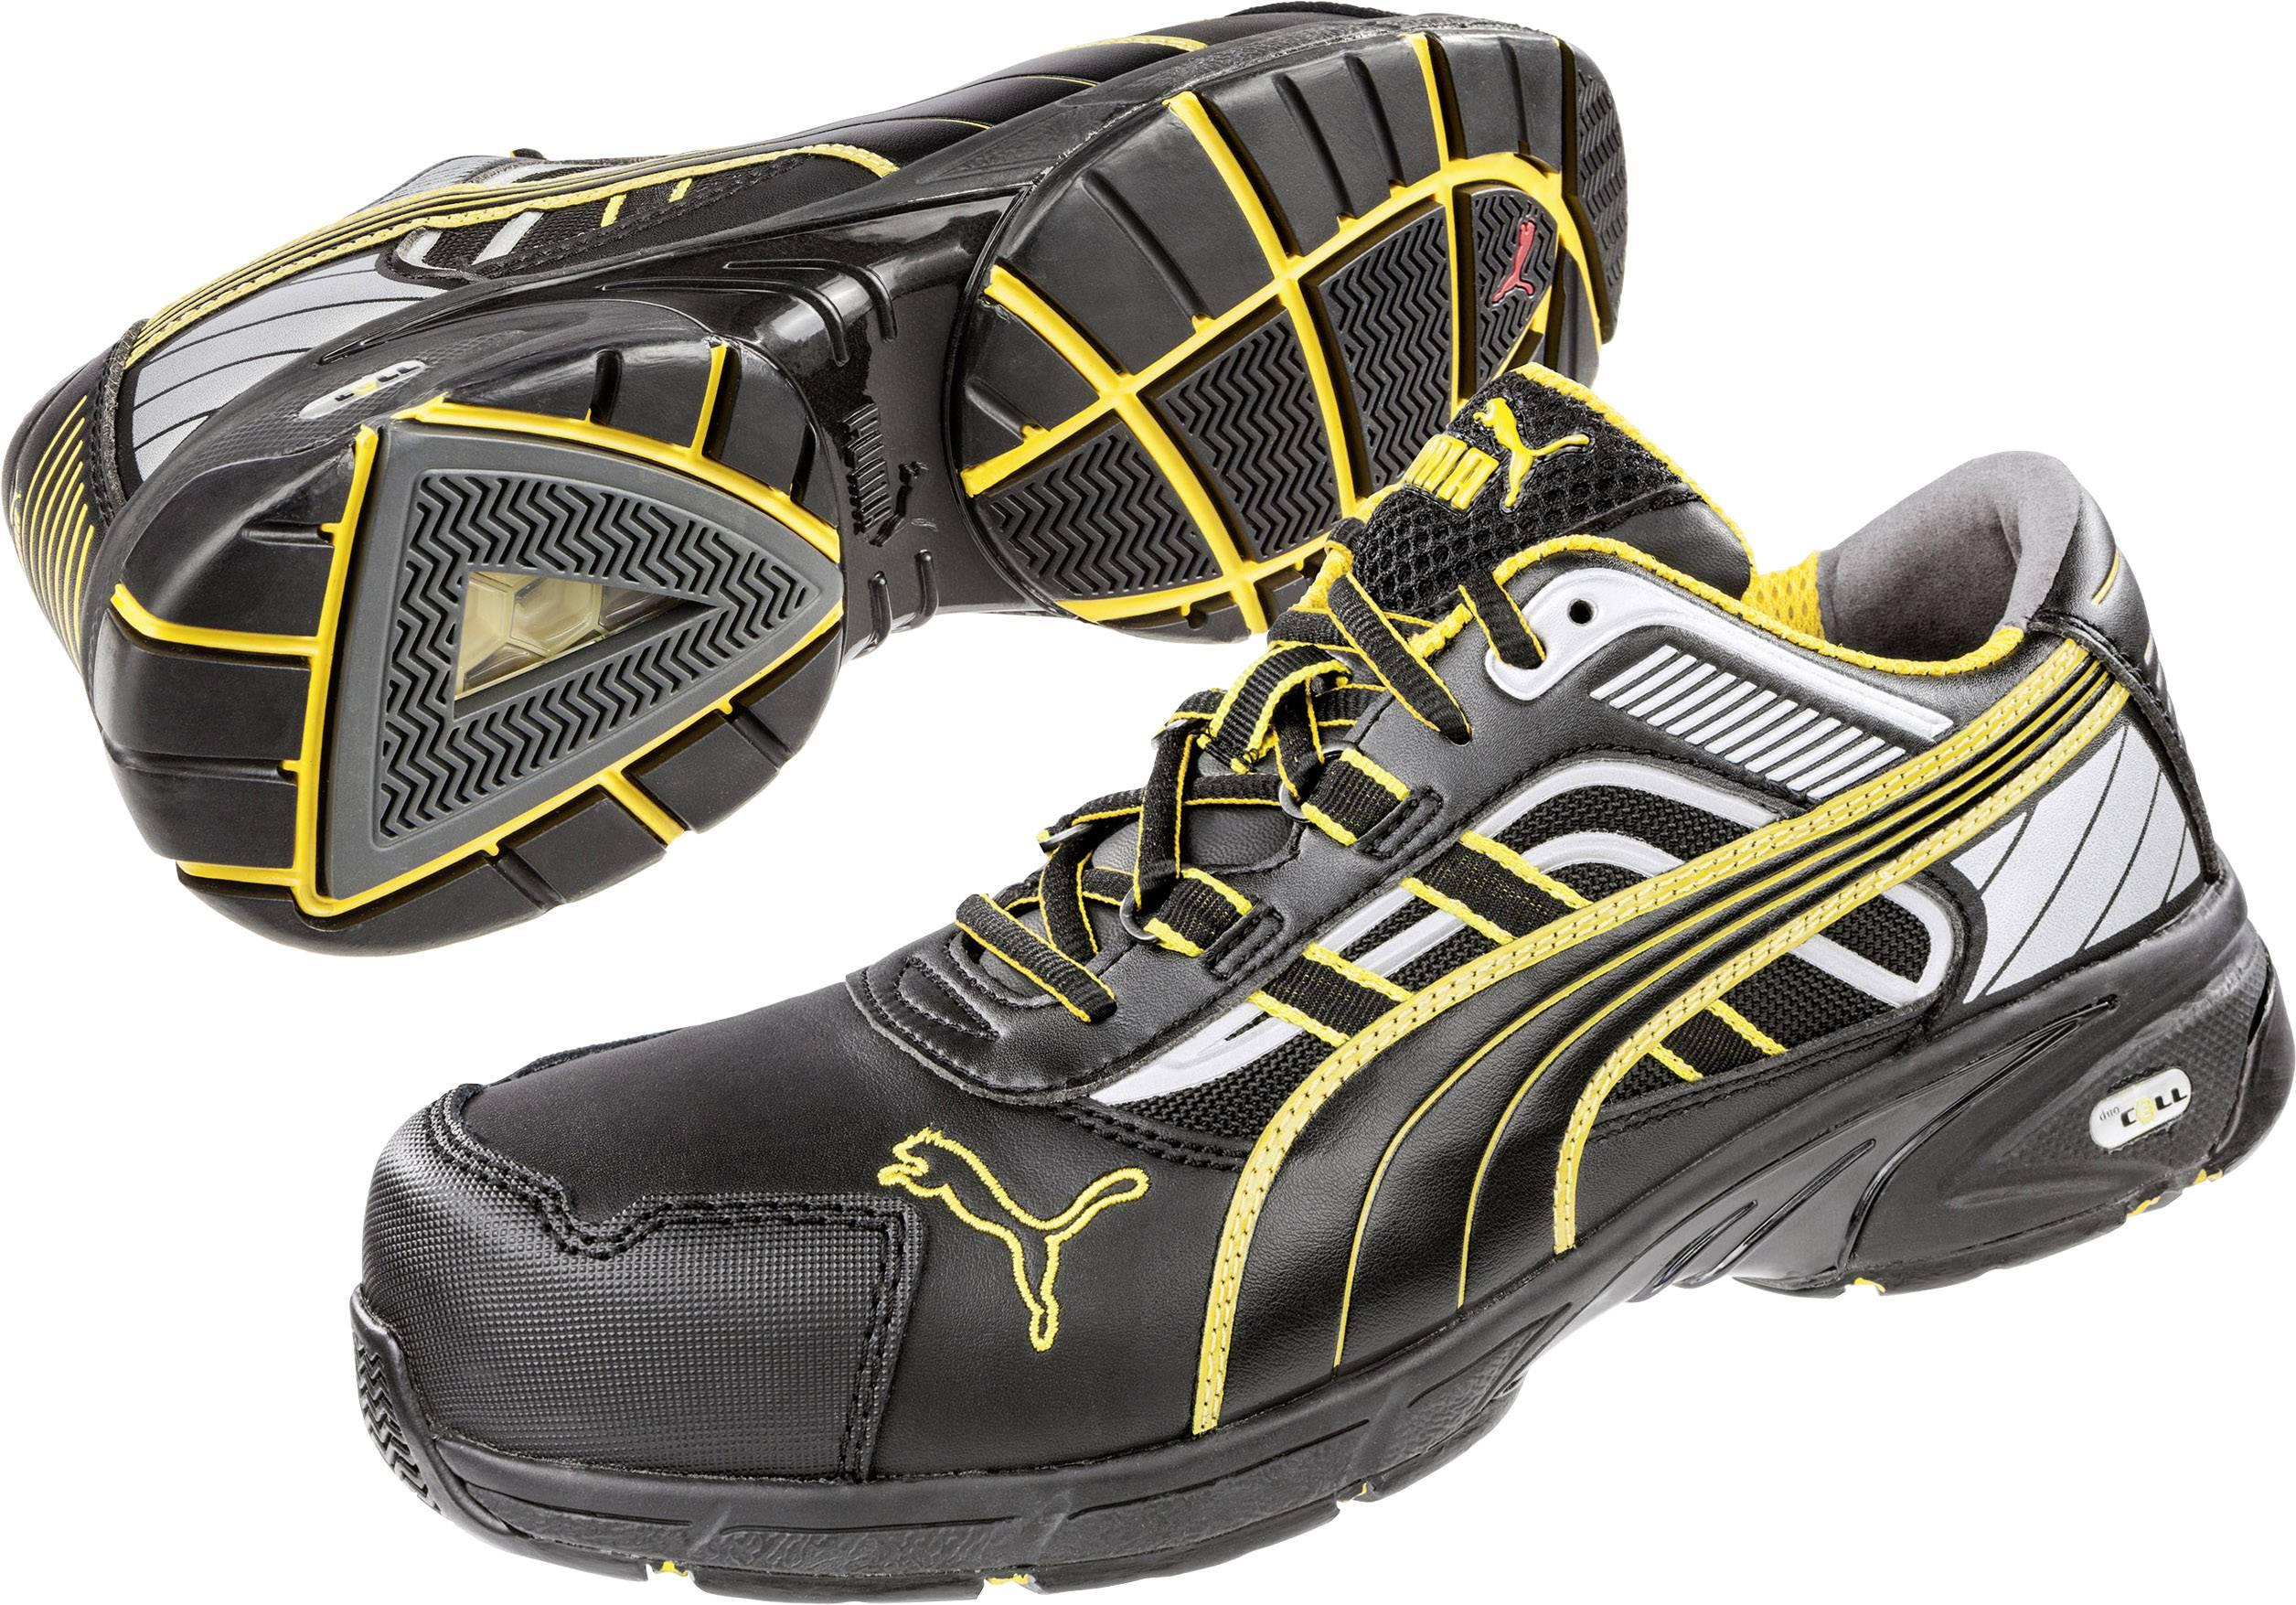 Bezpečnostní obuv S3 PUMA Safety Pace Black Low 642500, vel.: 41, černá, žlutá, 1 pár